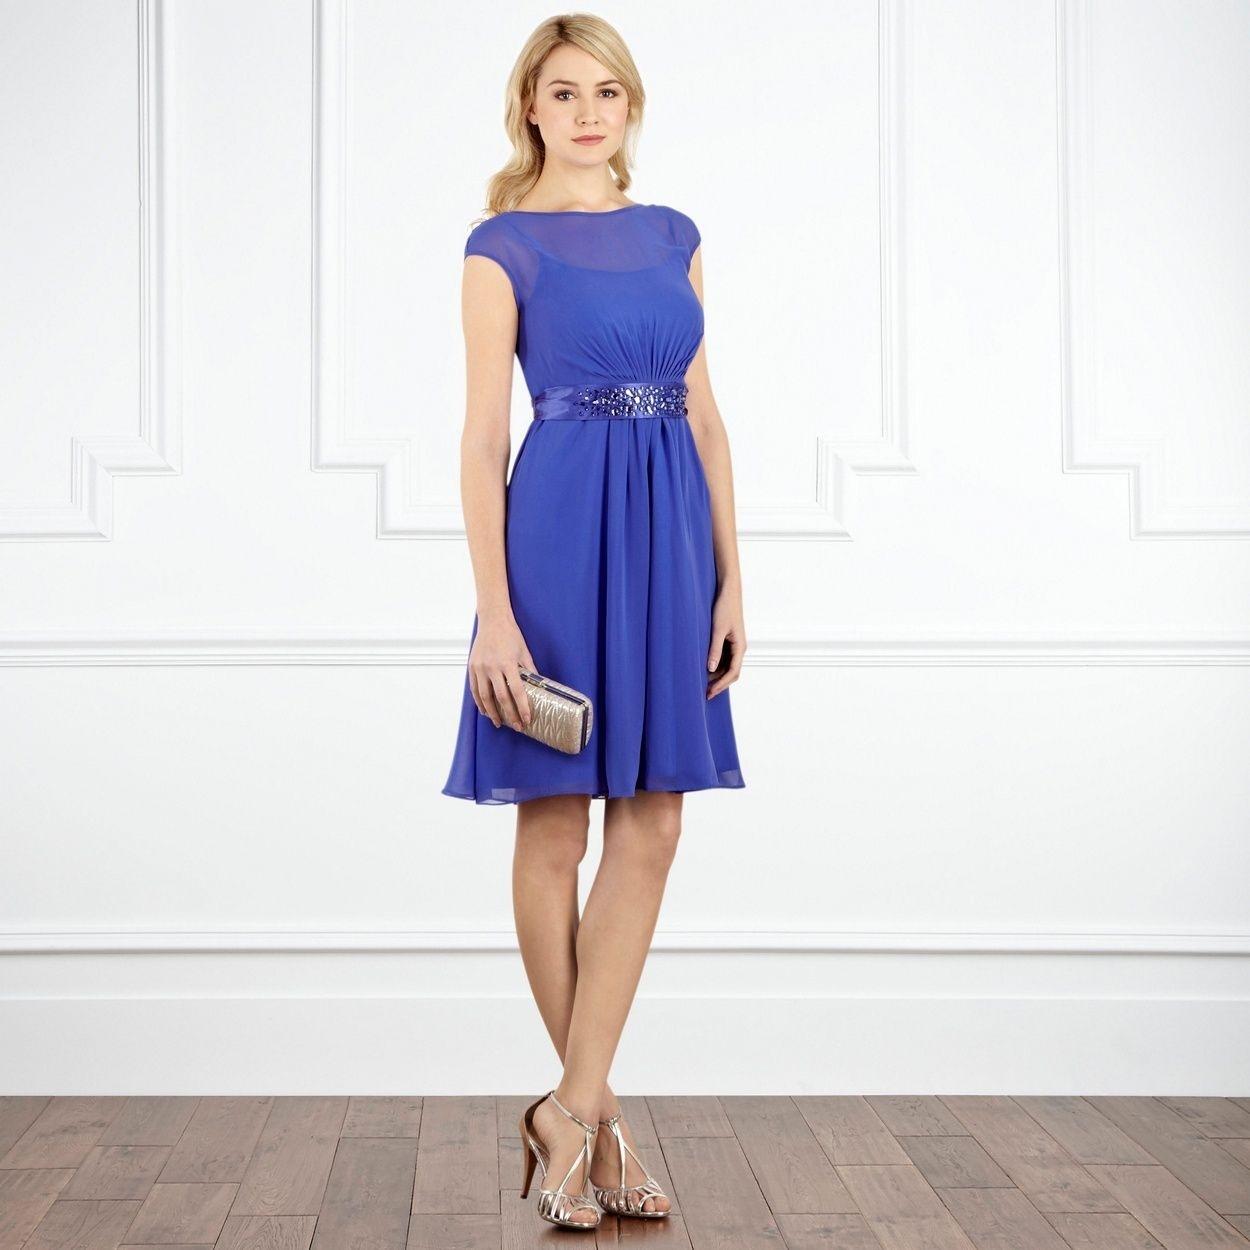 20 Ausgezeichnet Blaues Kleid A Linie ÄrmelAbend Elegant Blaues Kleid A Linie Boutique